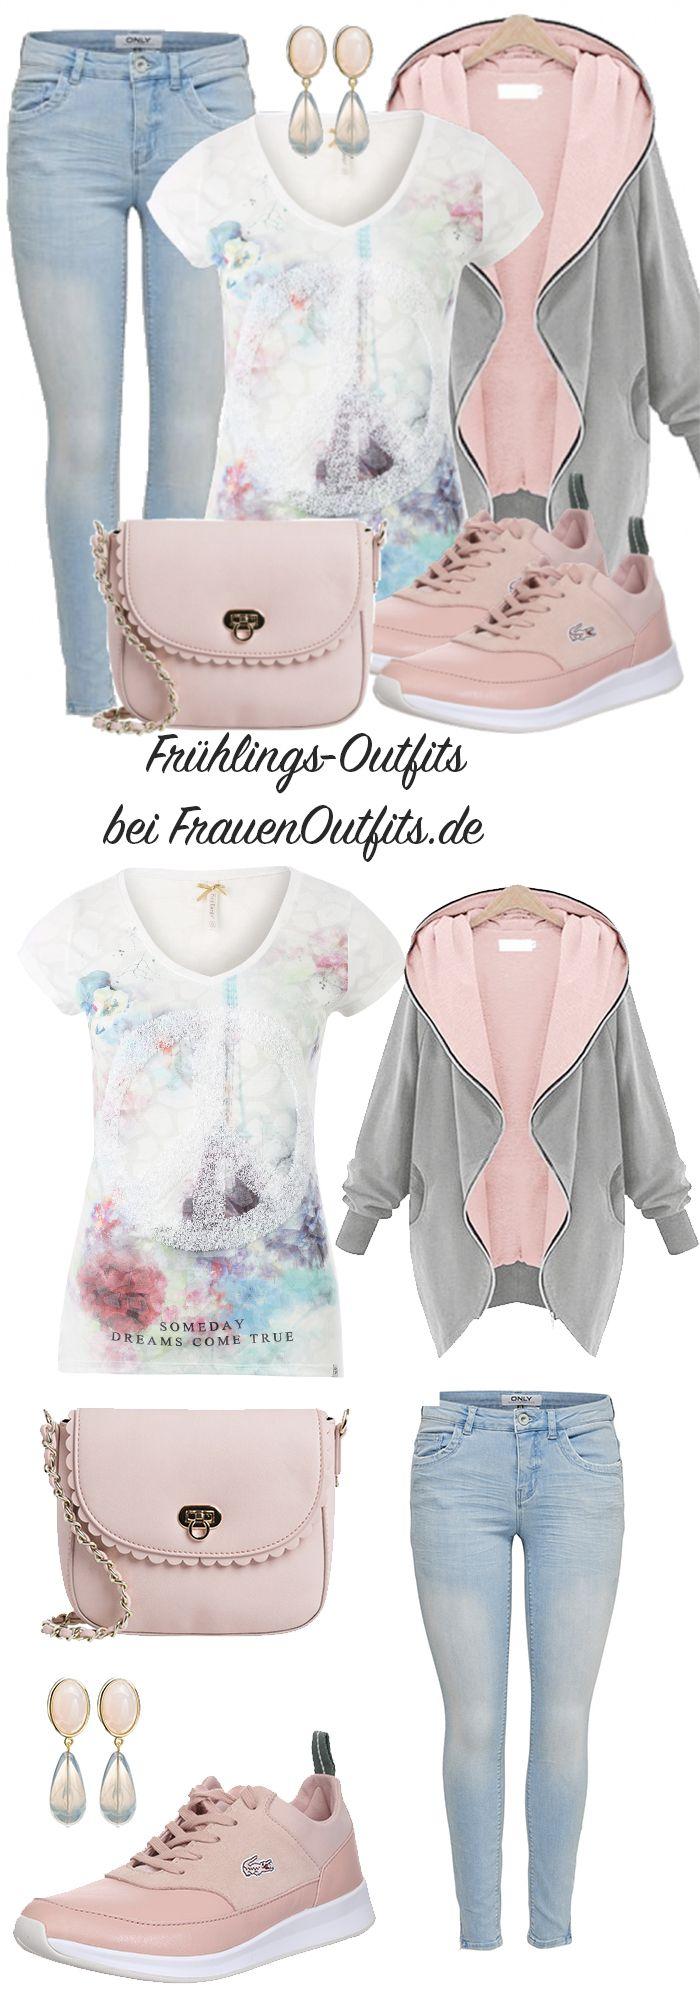 FrühlingsOutfits bei FrauenOutfits.de #Frauen #Mode #lässiger Look #sportliche…